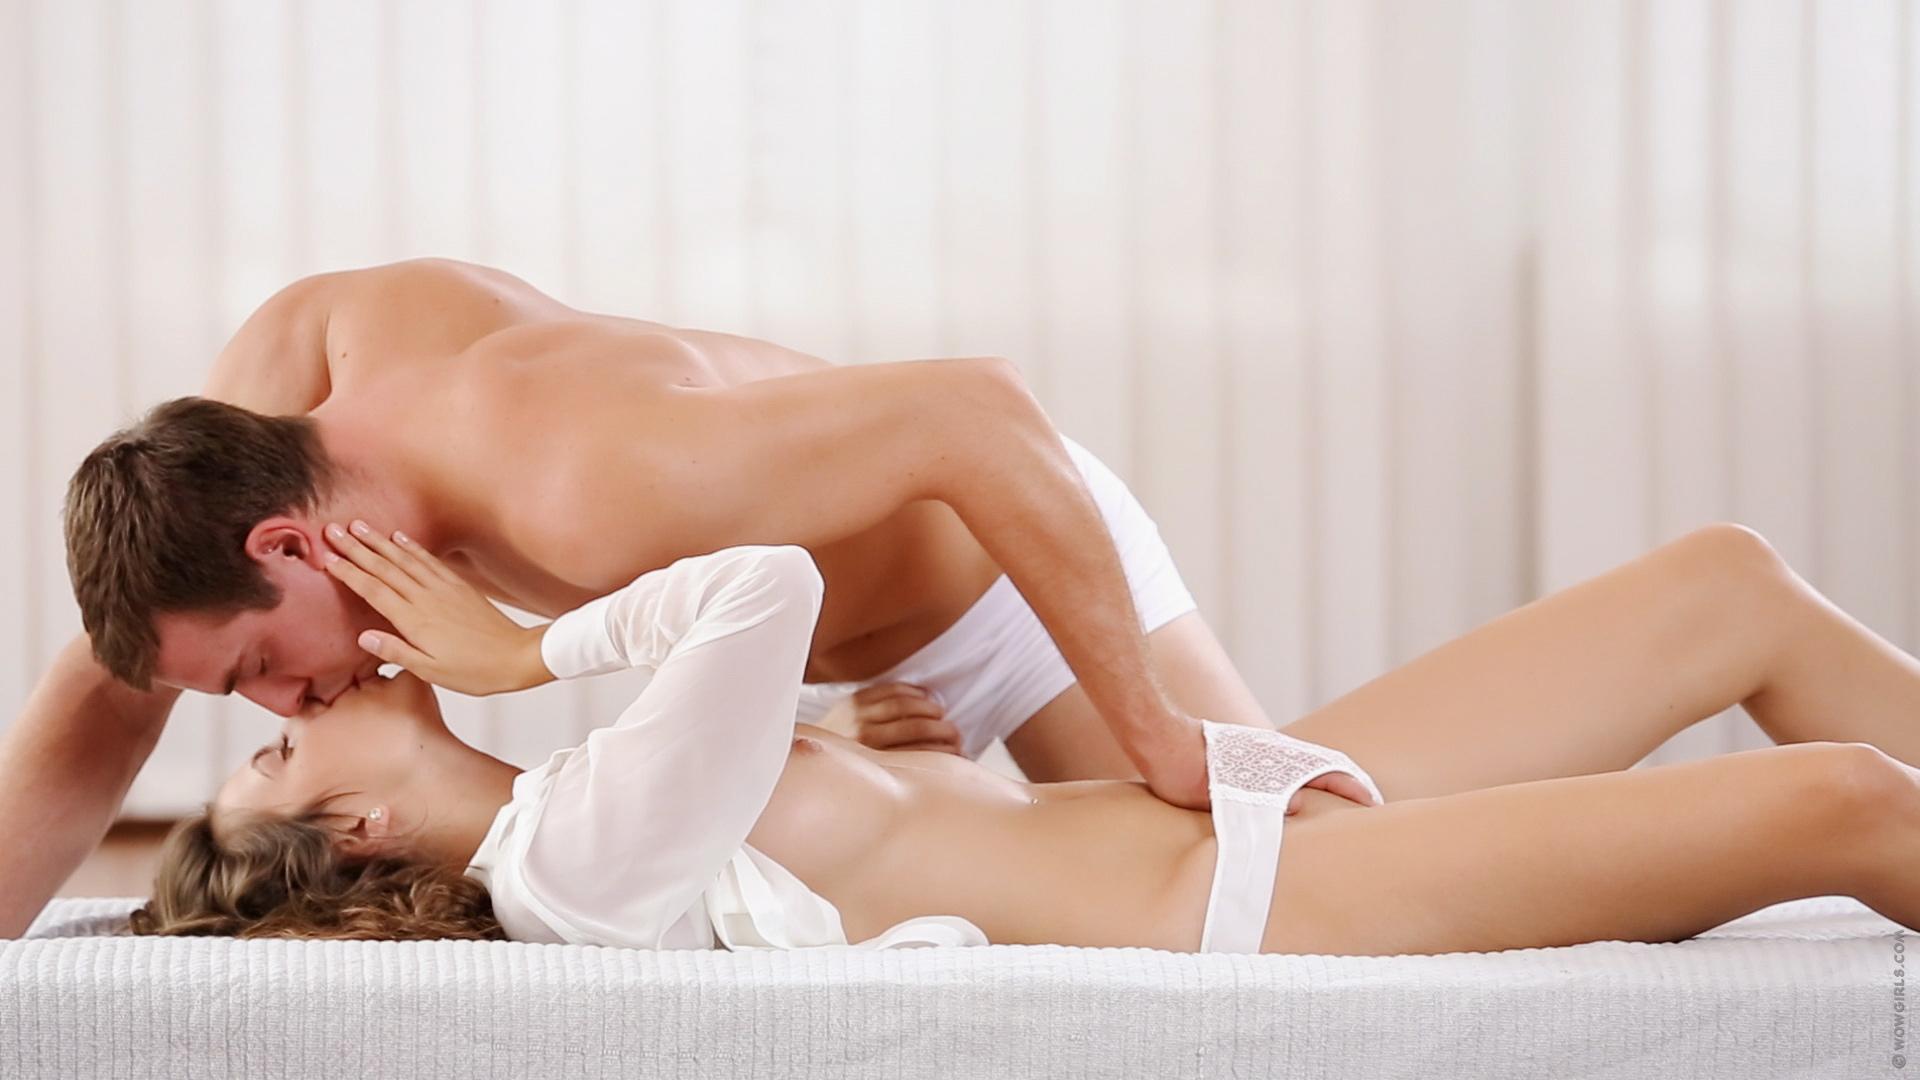 Посмотреть секс романтическии, Романтический секс - порно видео онлайн, смотреть 10 фотография